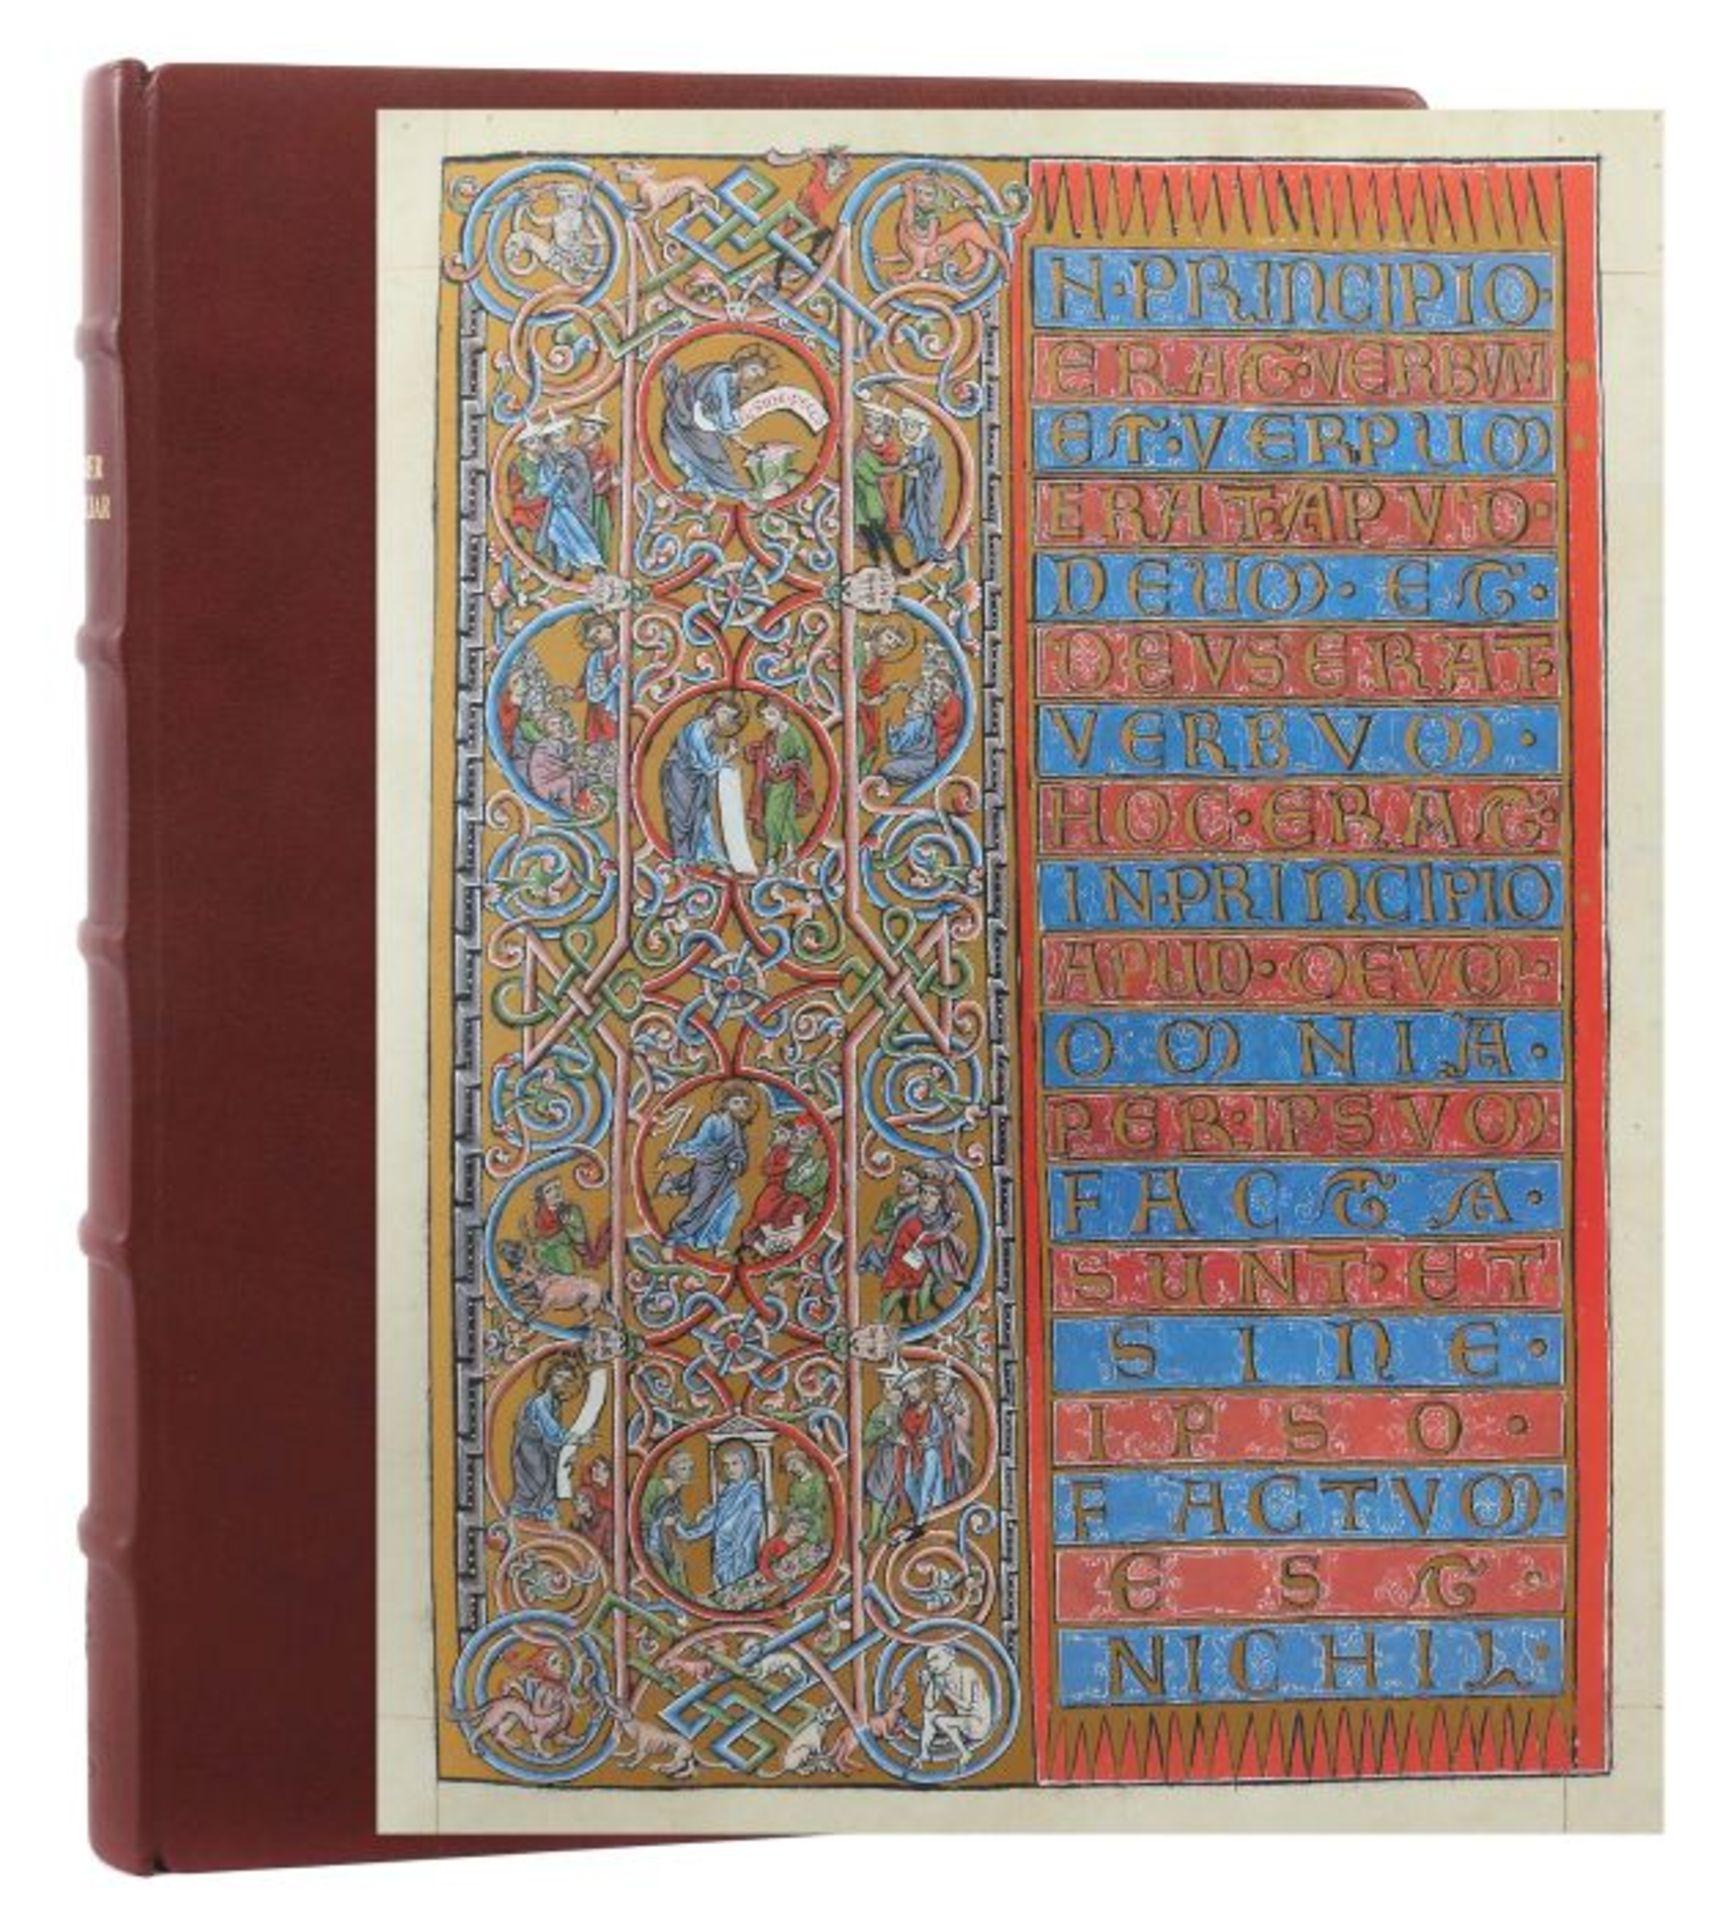 Goslarer Evangeliar Aus dem Stadtarchiv Goslar, Volumen XCII der Reihe Codices Selecti, Goslar/